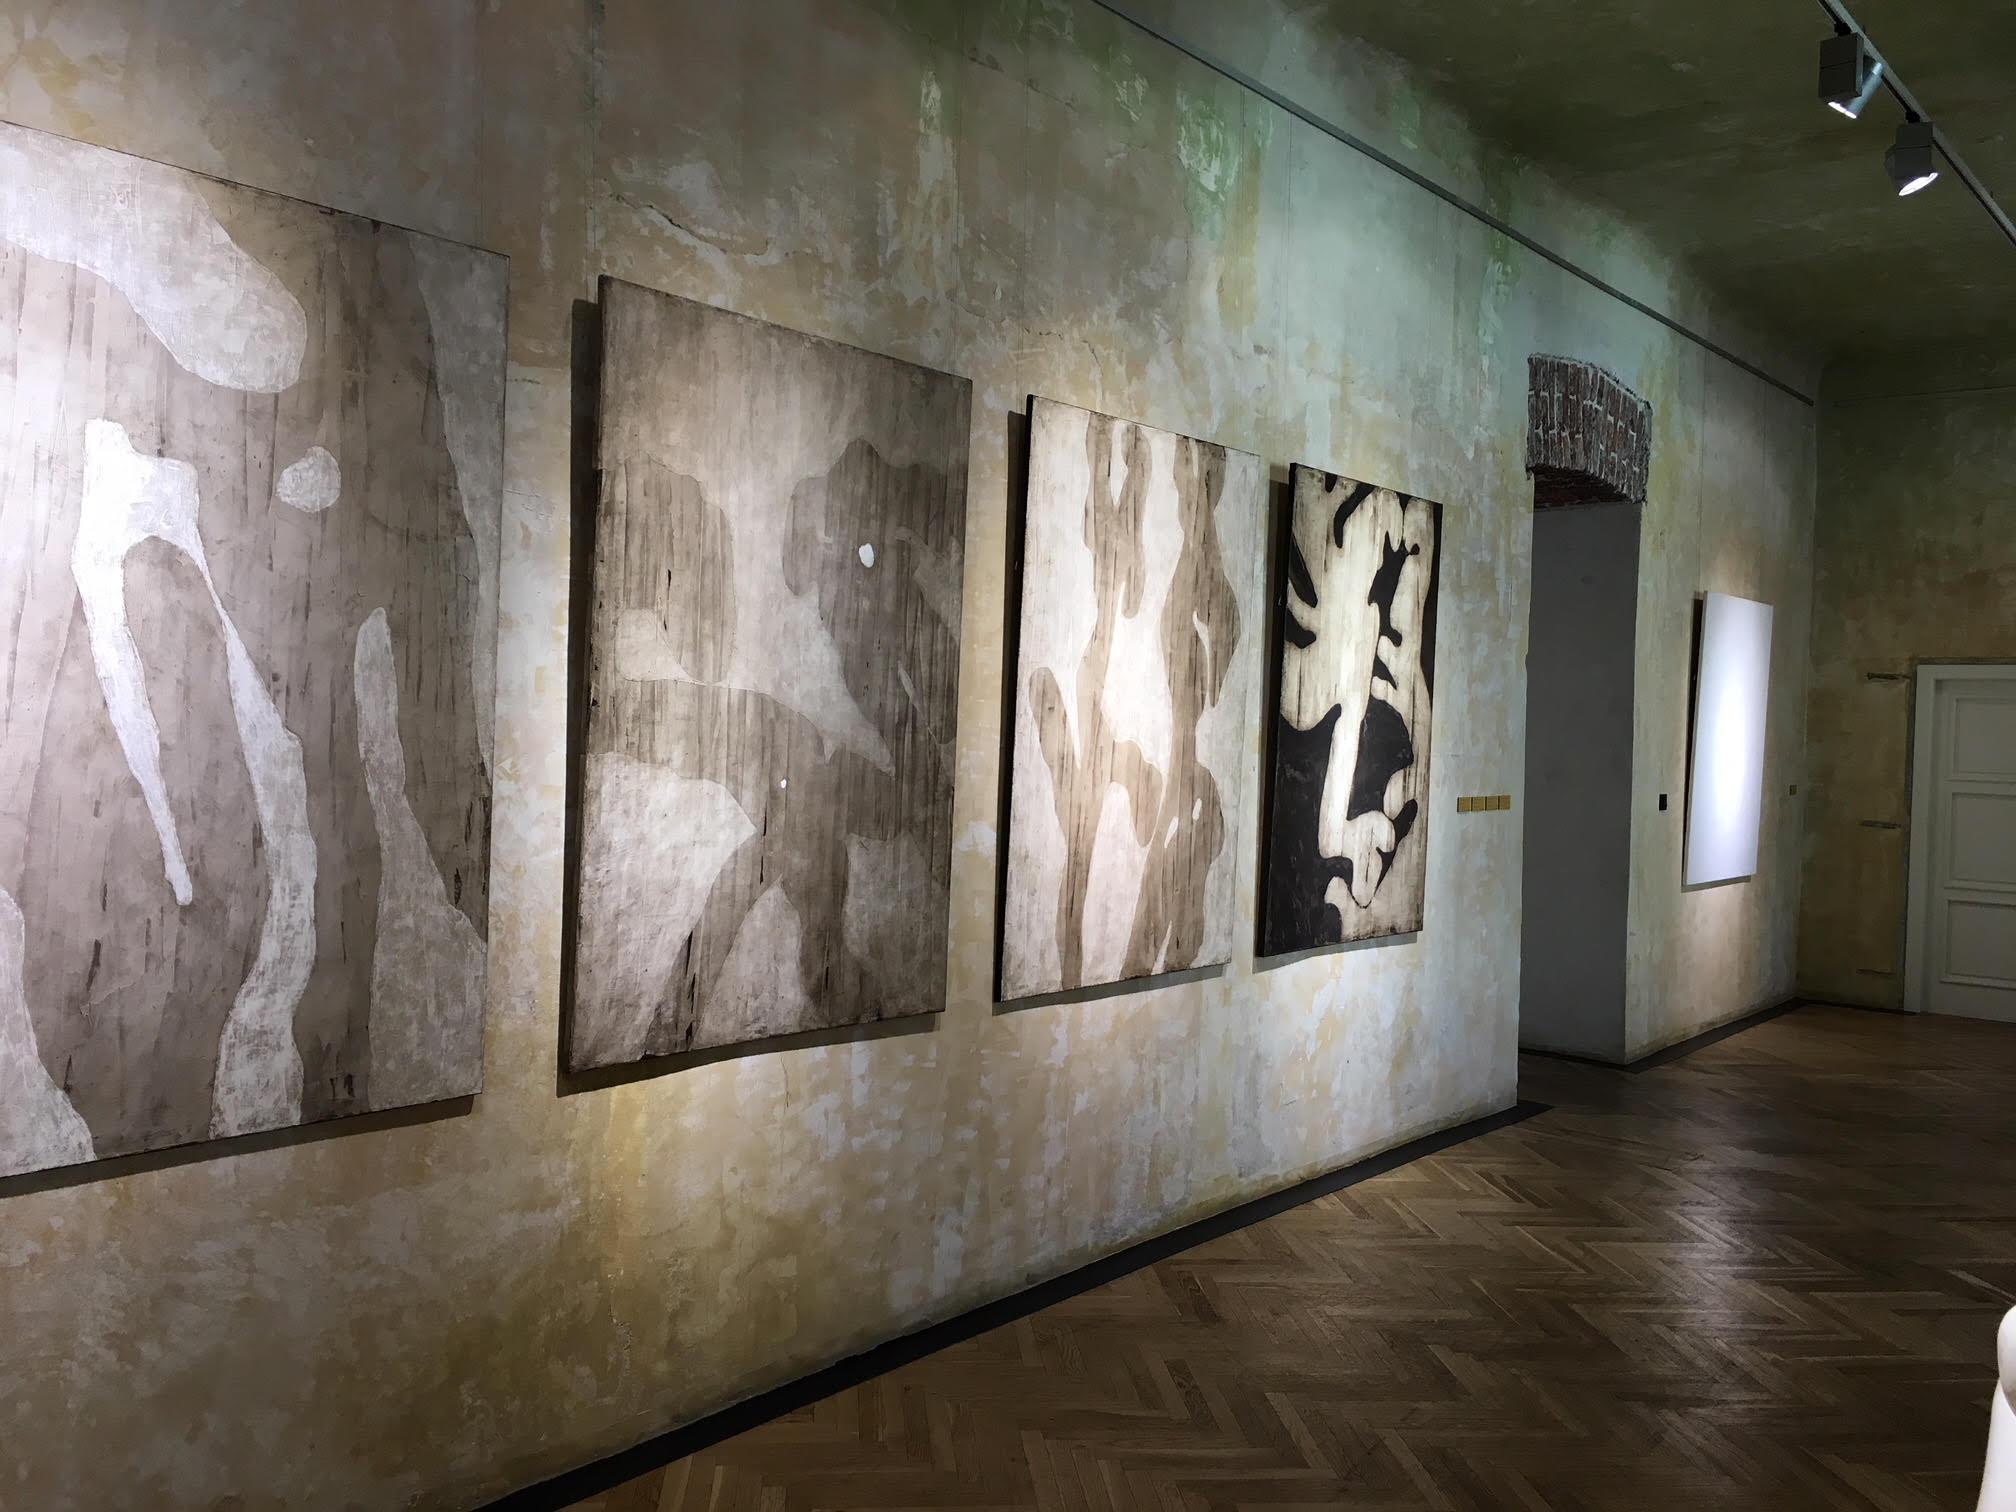 Cermak Gallery 4.jpg